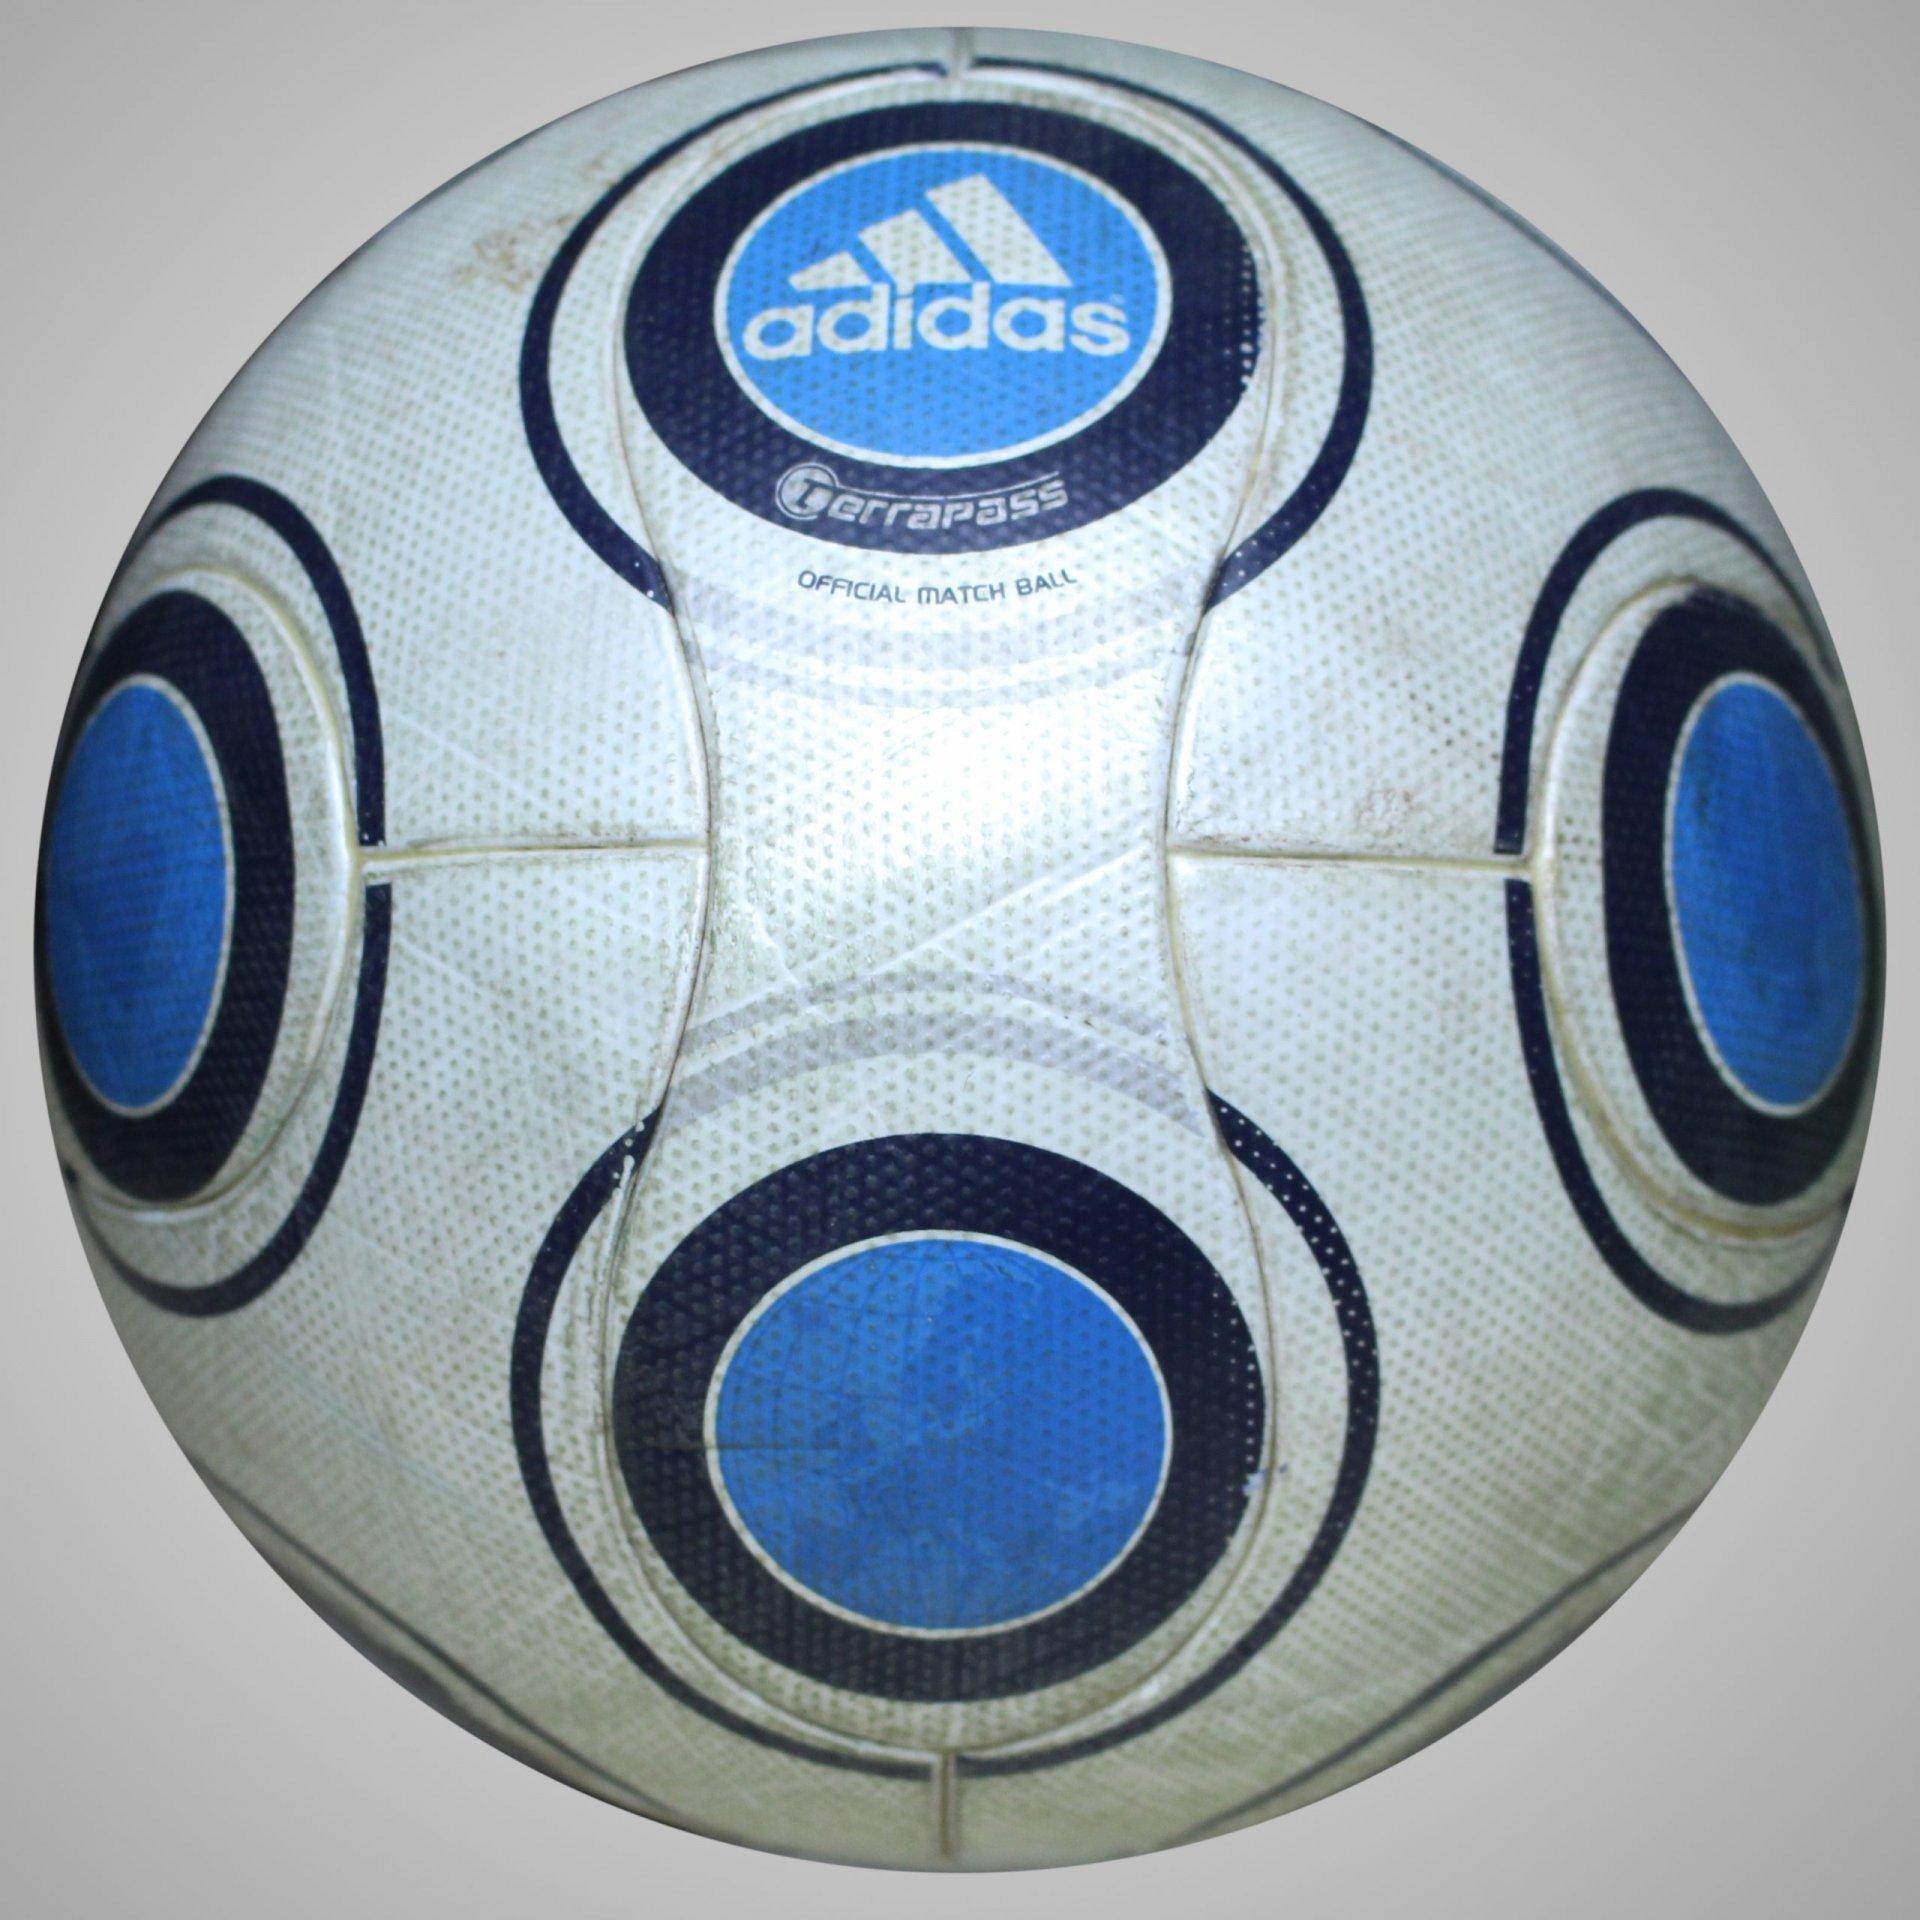 Adidas Terrapass 2008 Official Matchball